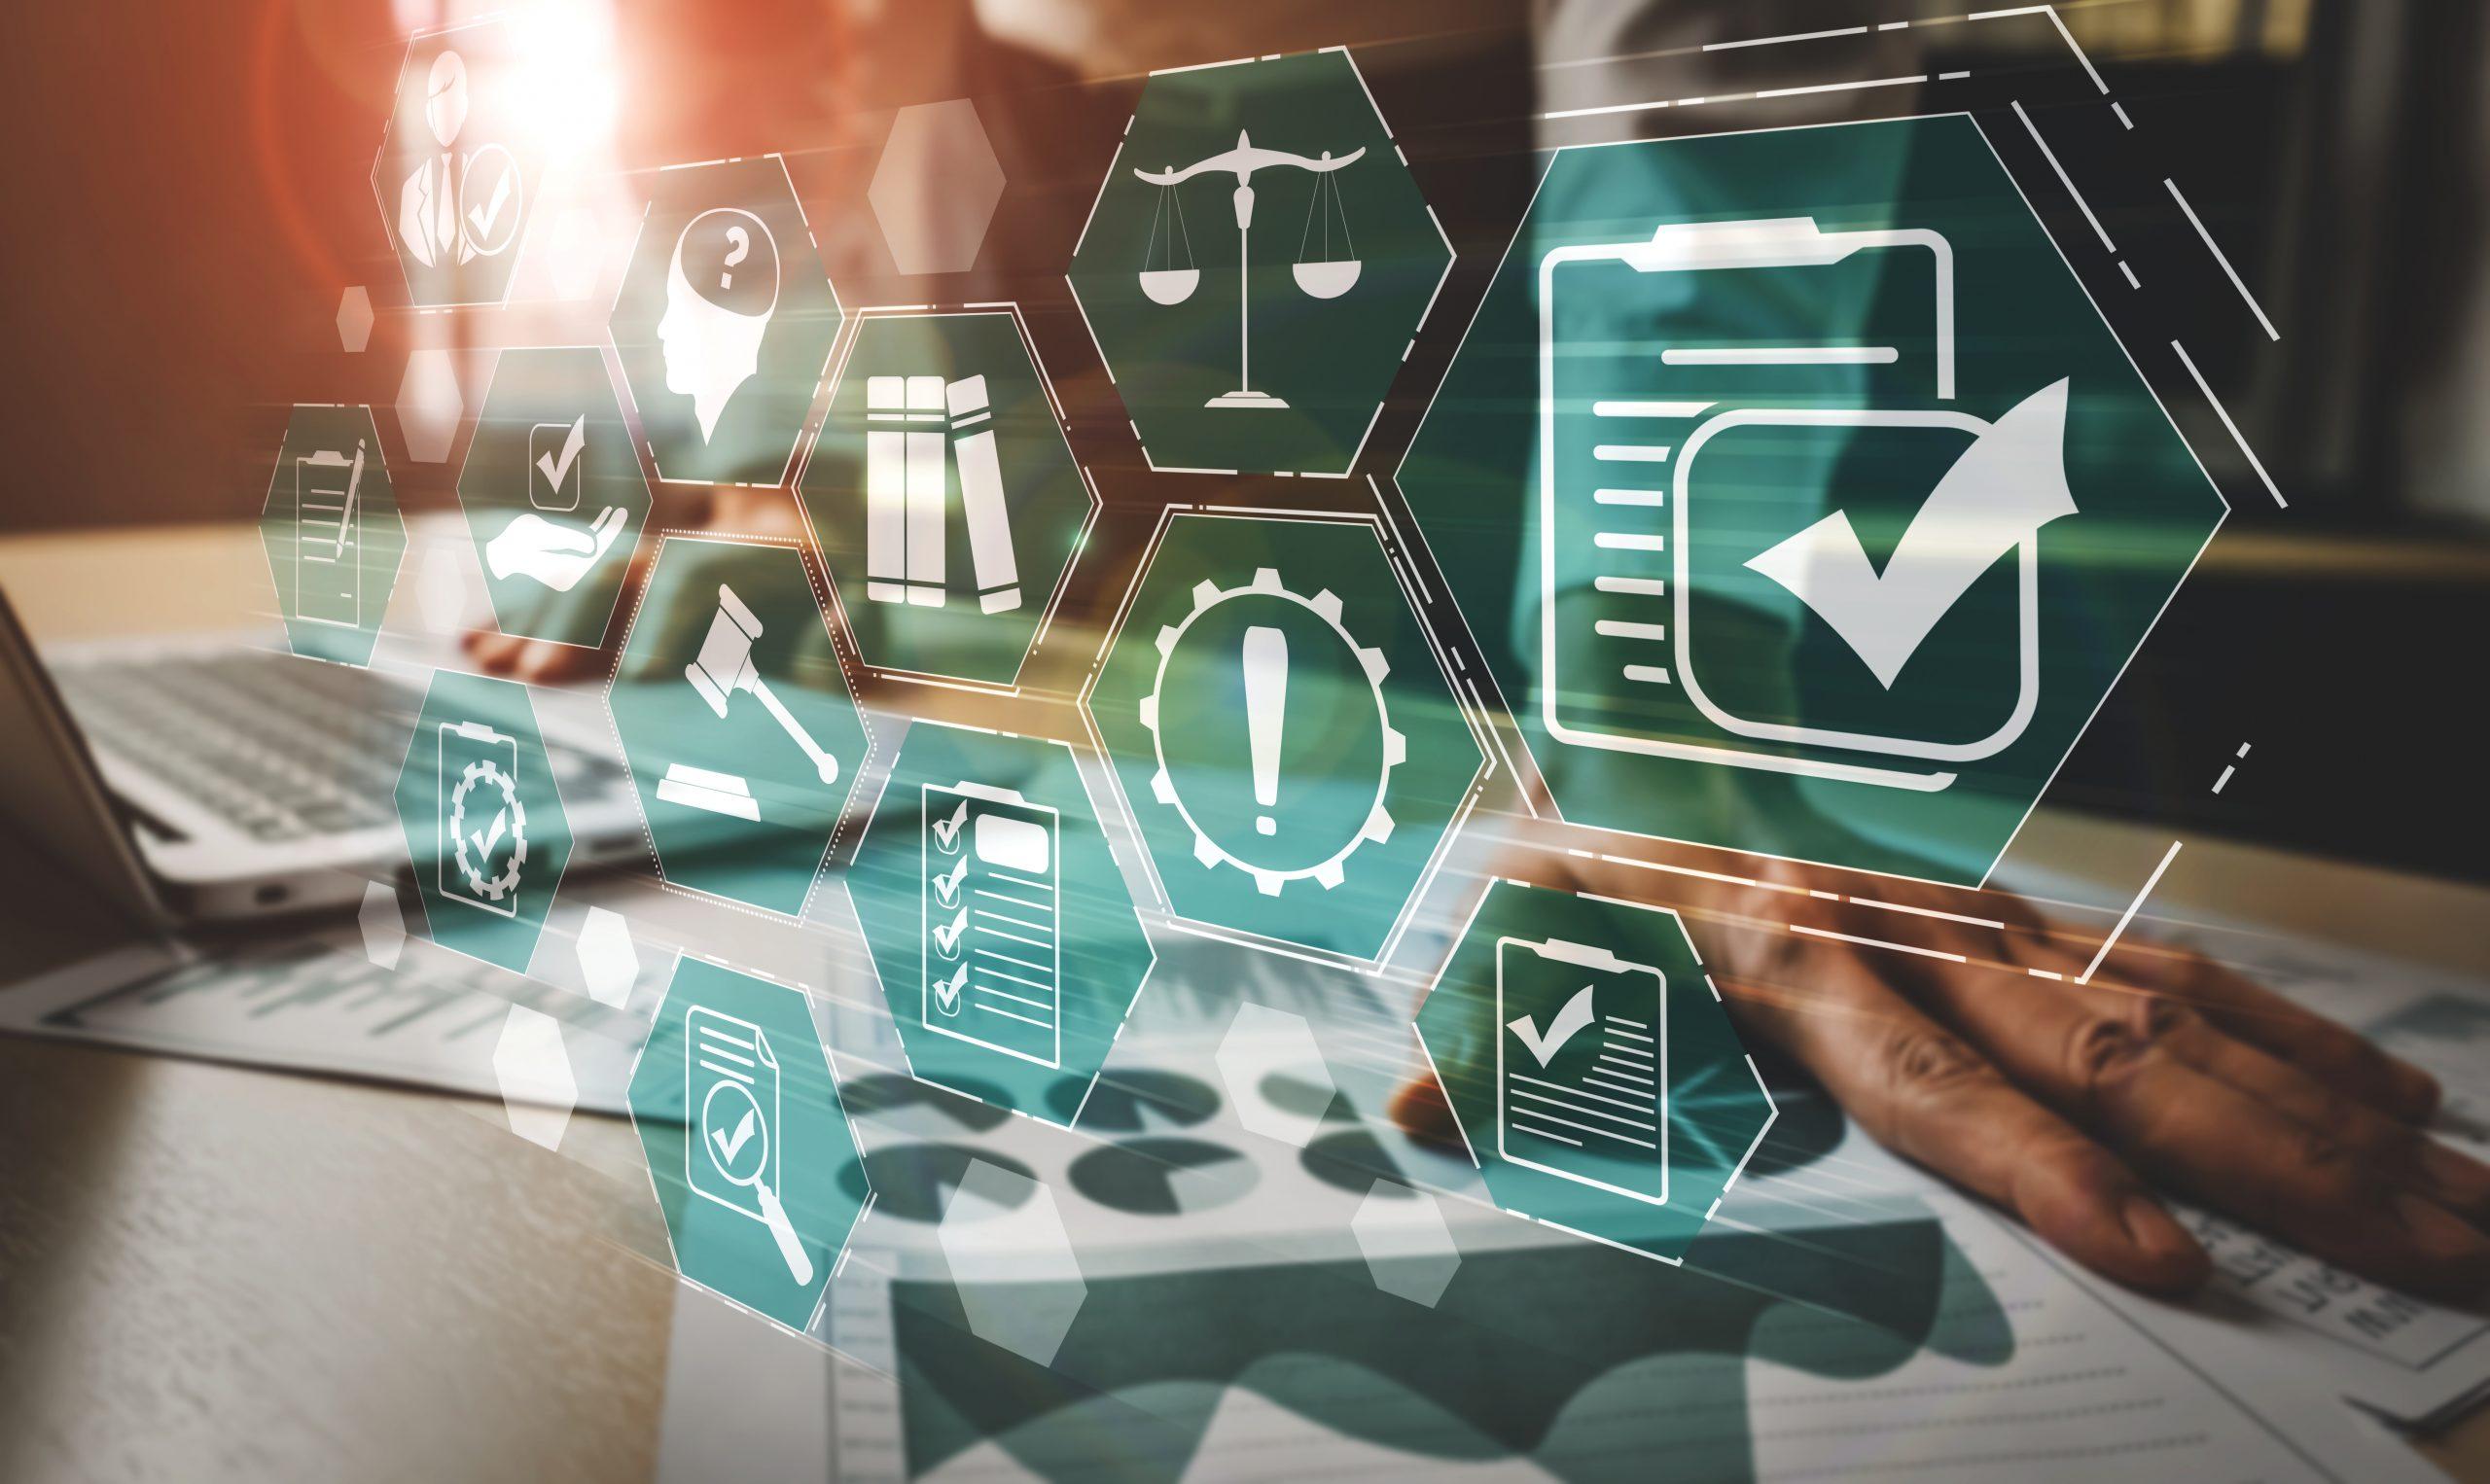 Desafios regulatórios – Complexidade da saúde pede diálogo aberto com órgãos reguladores